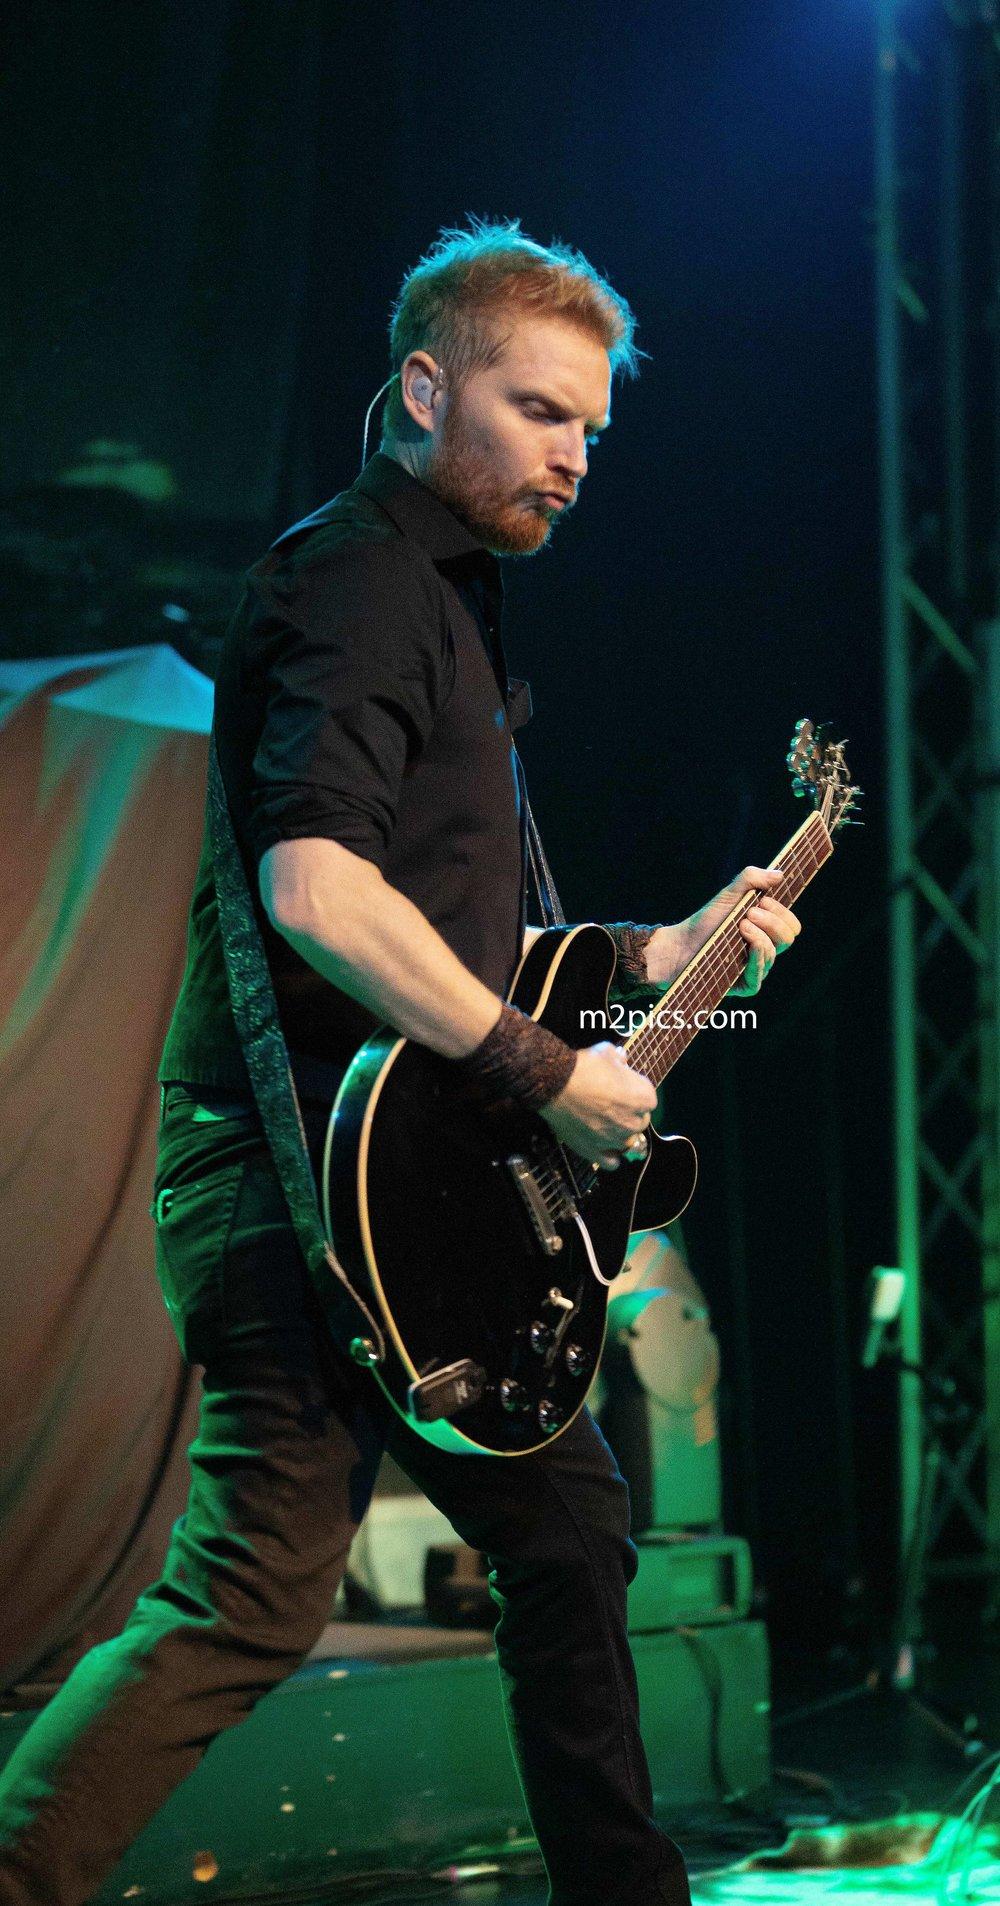 Jonny Fox. Photo by Mirjana Simeunovich